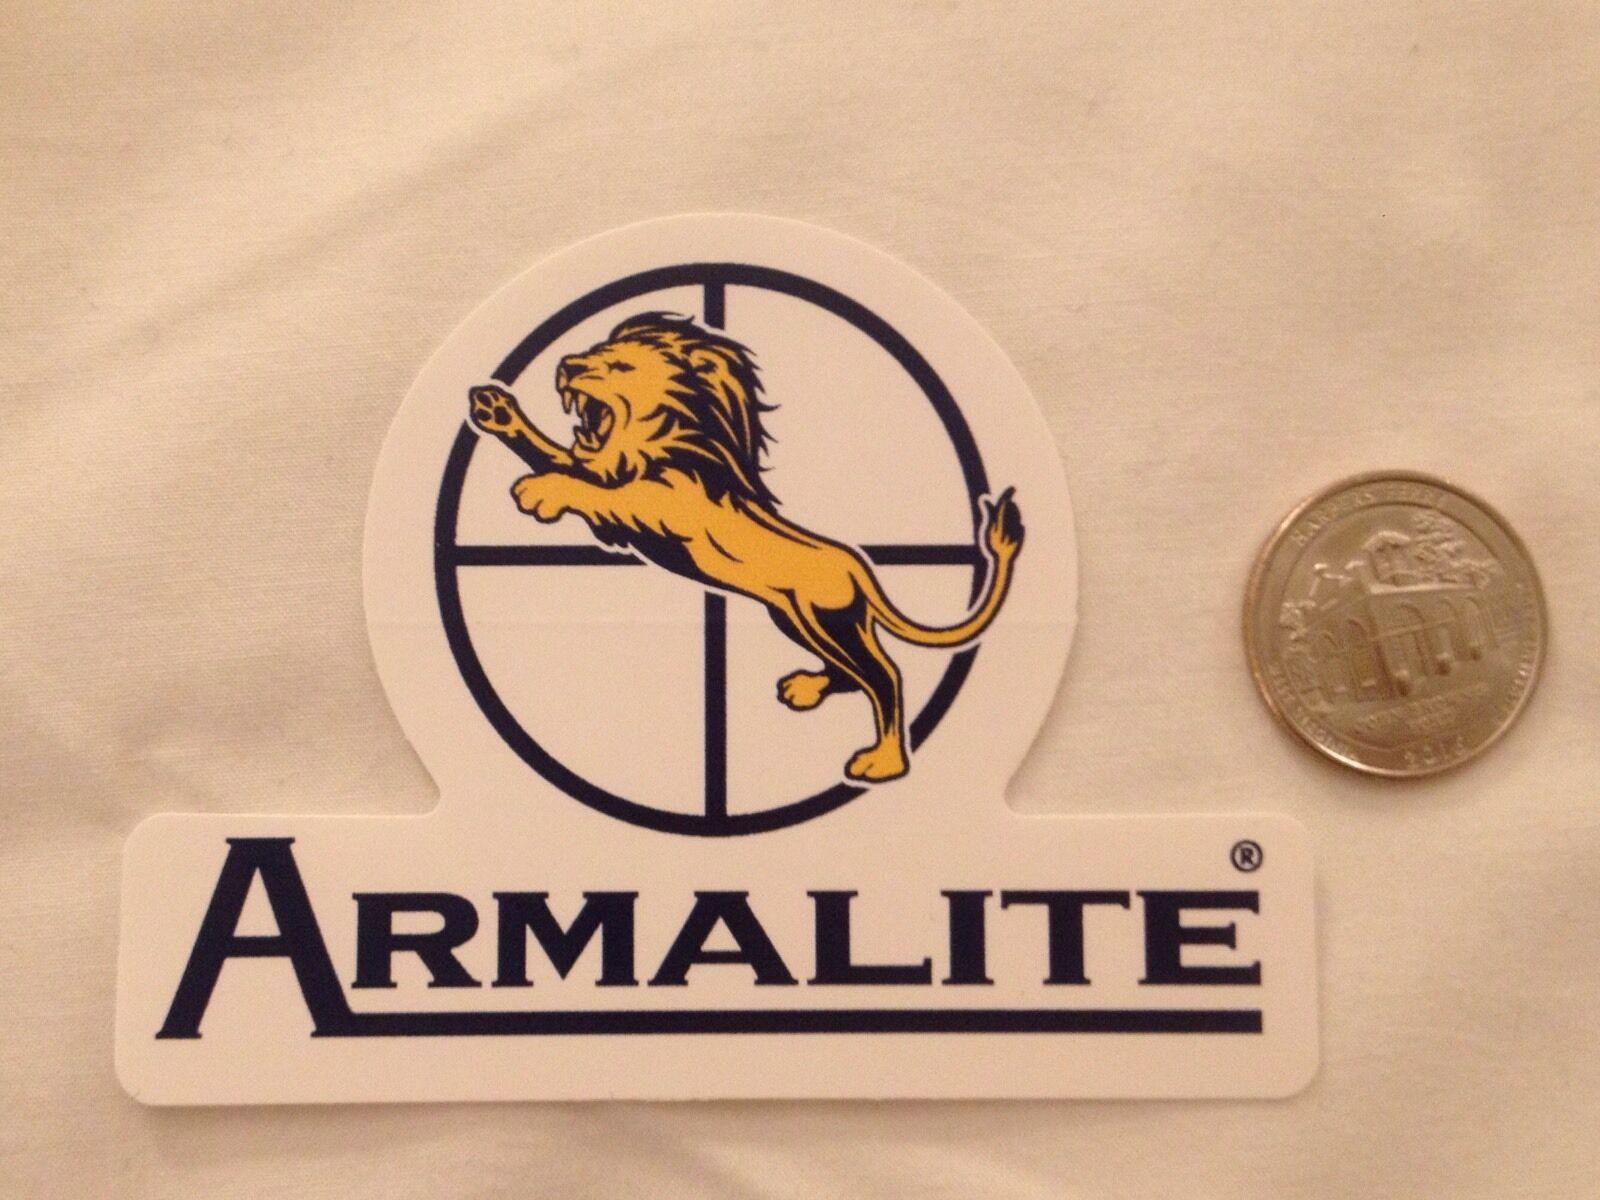 ArmaLite armas calcomanía etiqueta engomada de la fábrica de armas de fuego